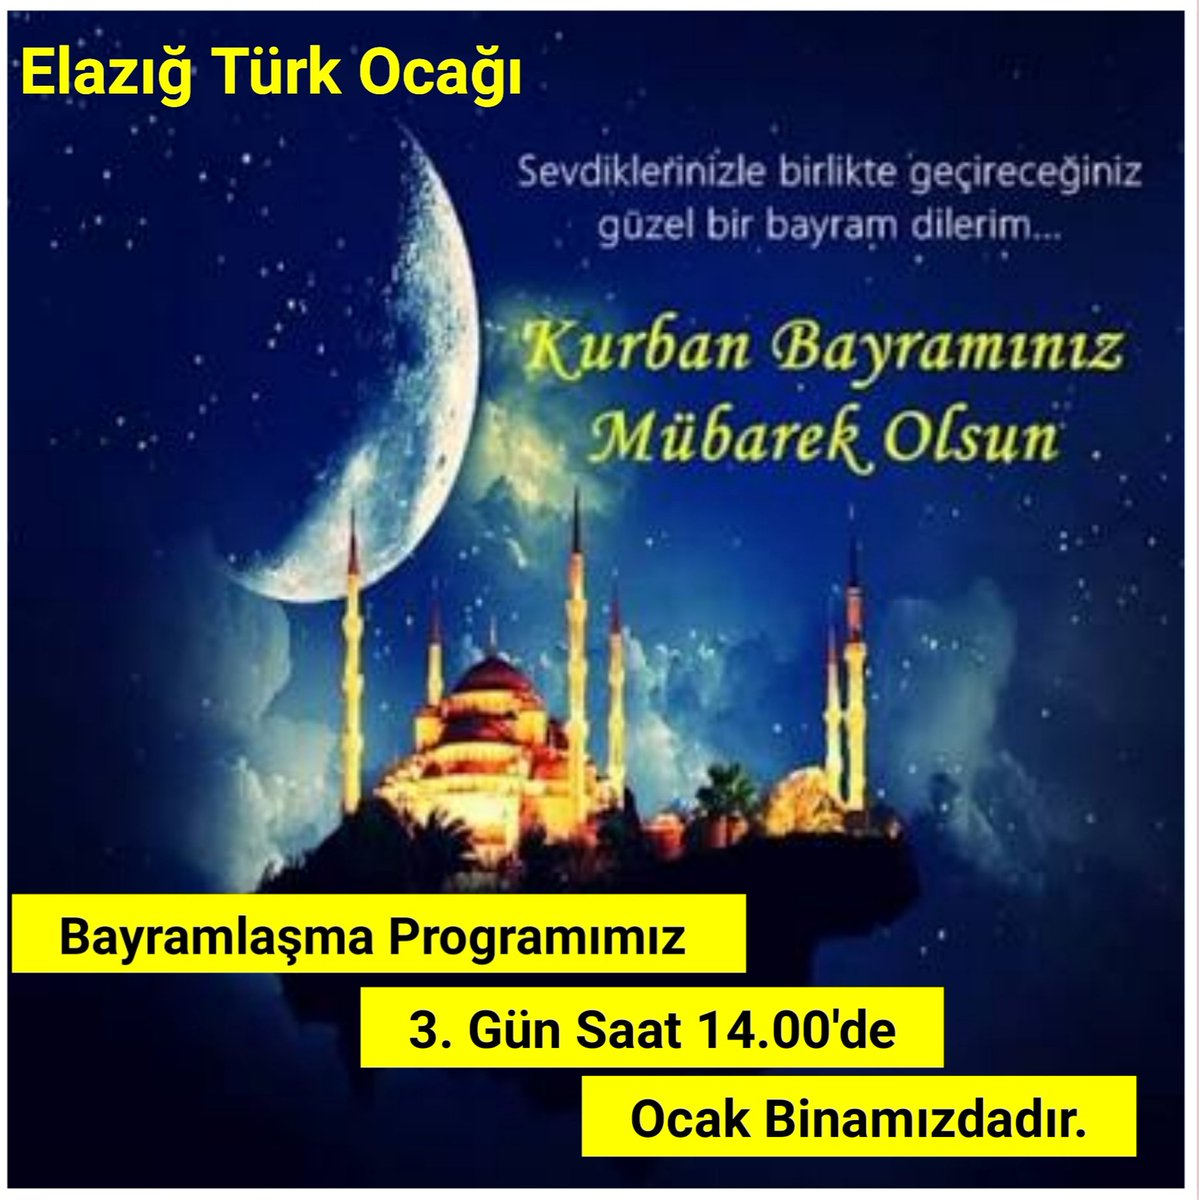 Поздравление с курбан байрамом на турецком с переводом на русский